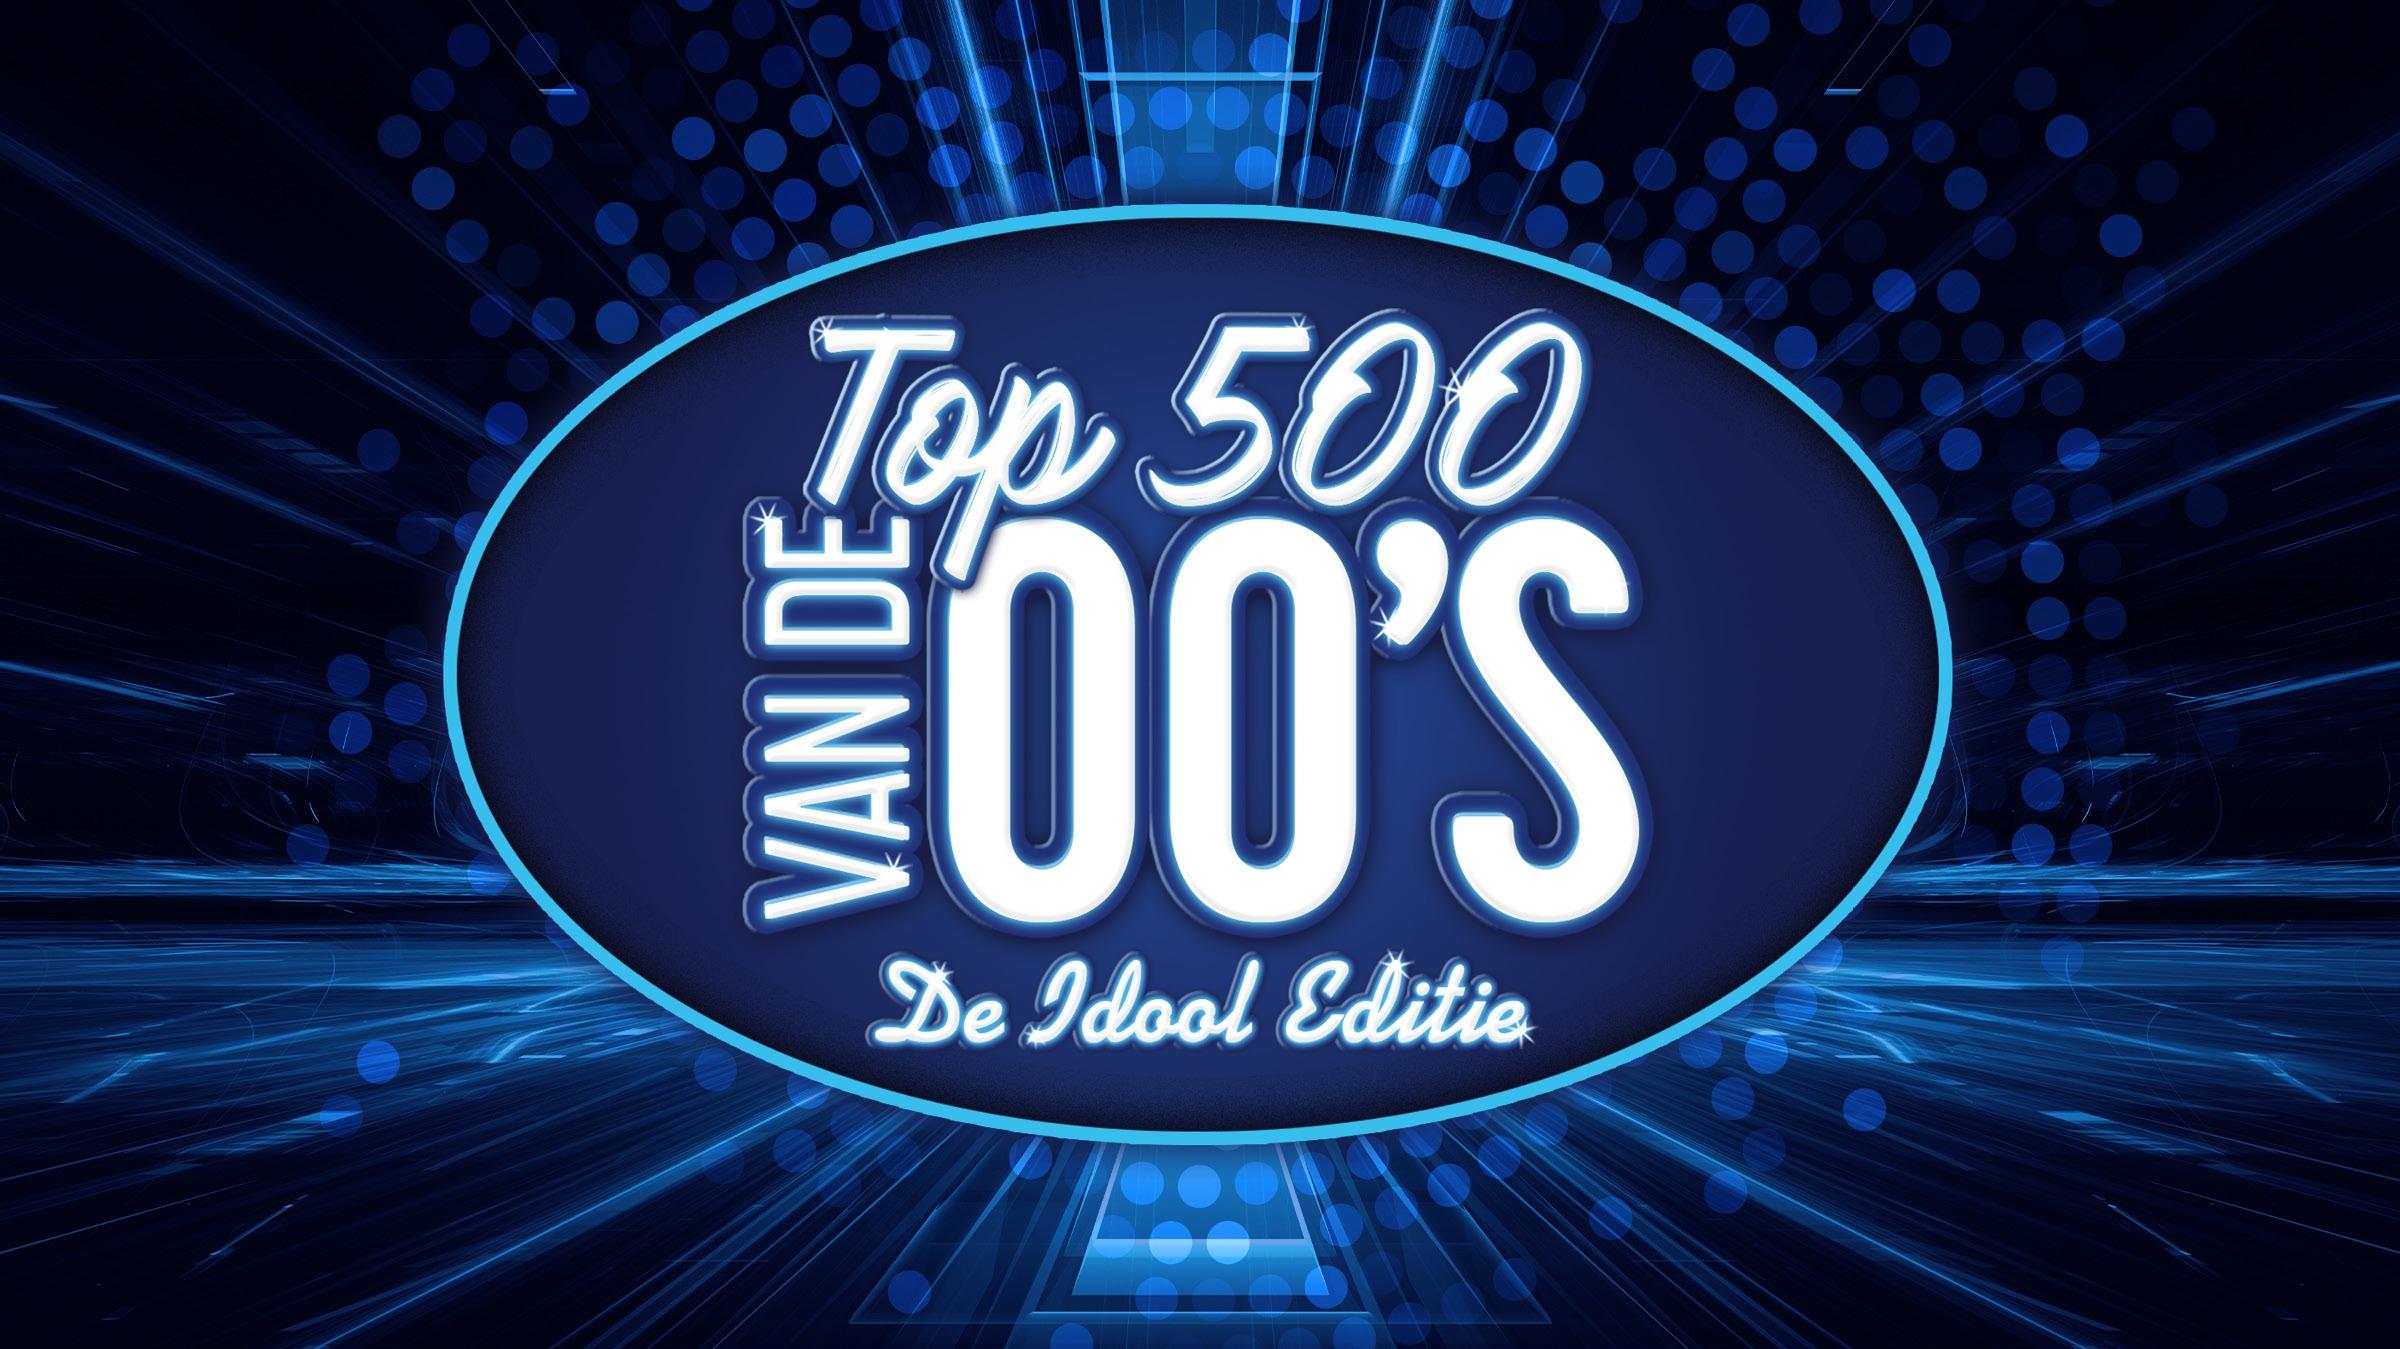 Top500vande00 s 2400x1350 2